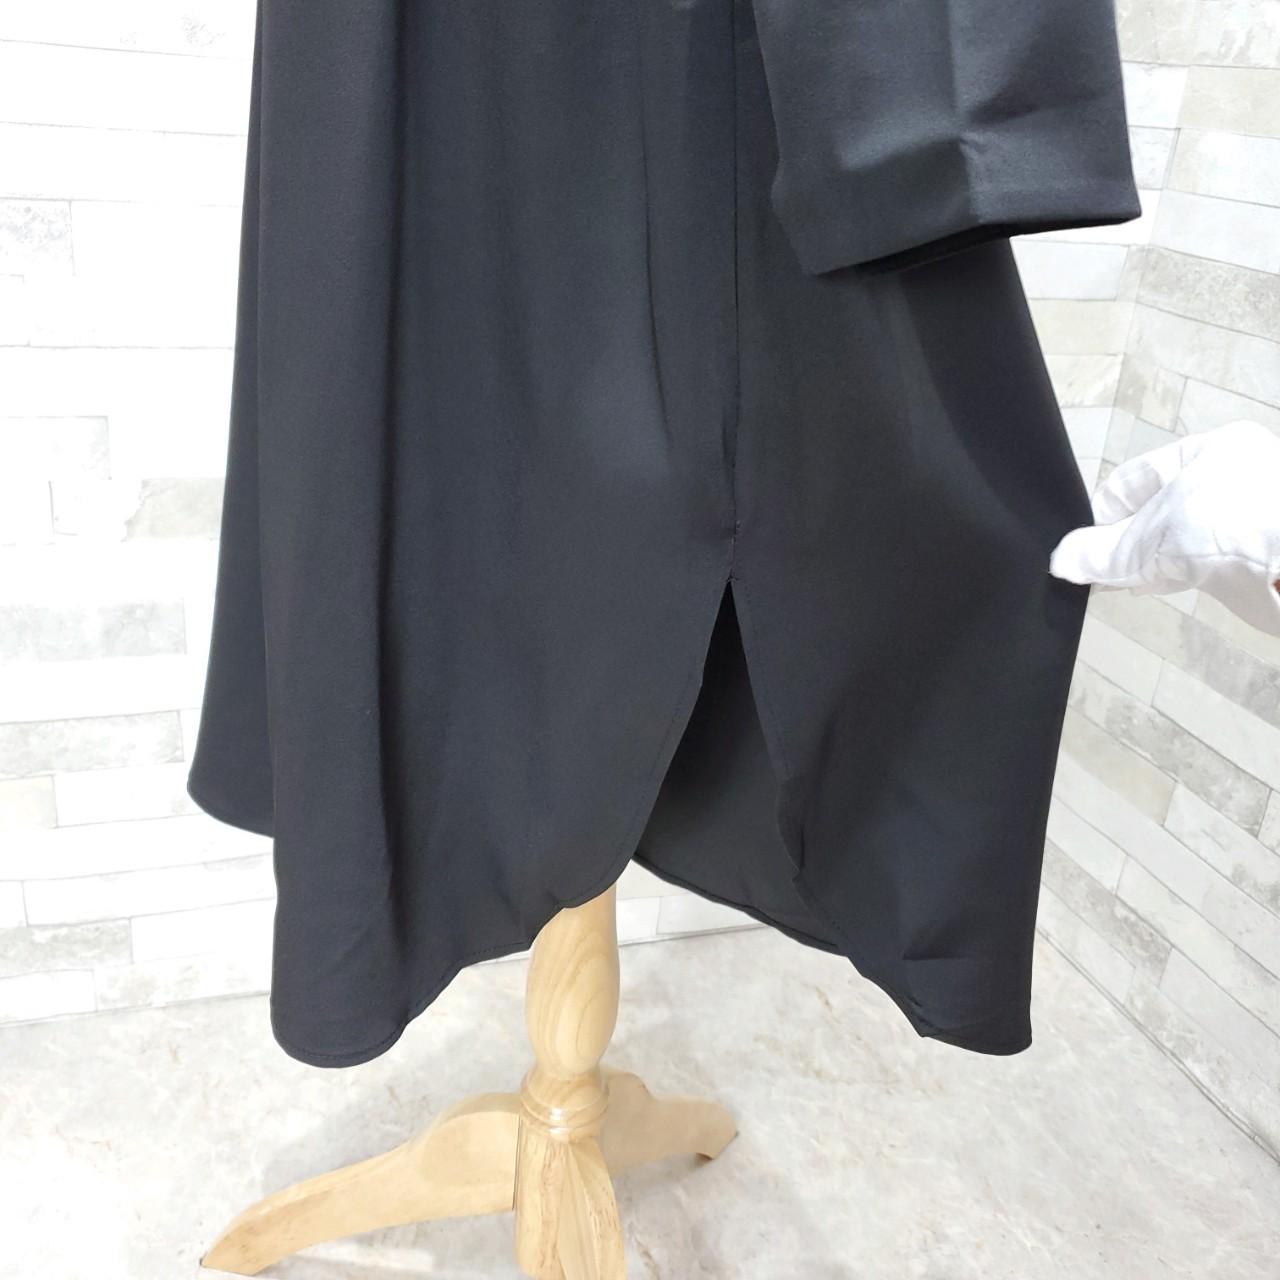 韓国 ファッション ワンピース 春 秋 冬 カジュアル PTXH448  とろみ素材 アシンメトリー ベーシック 着回し オルチャン シンプル 定番 セレカジの写真19枚目